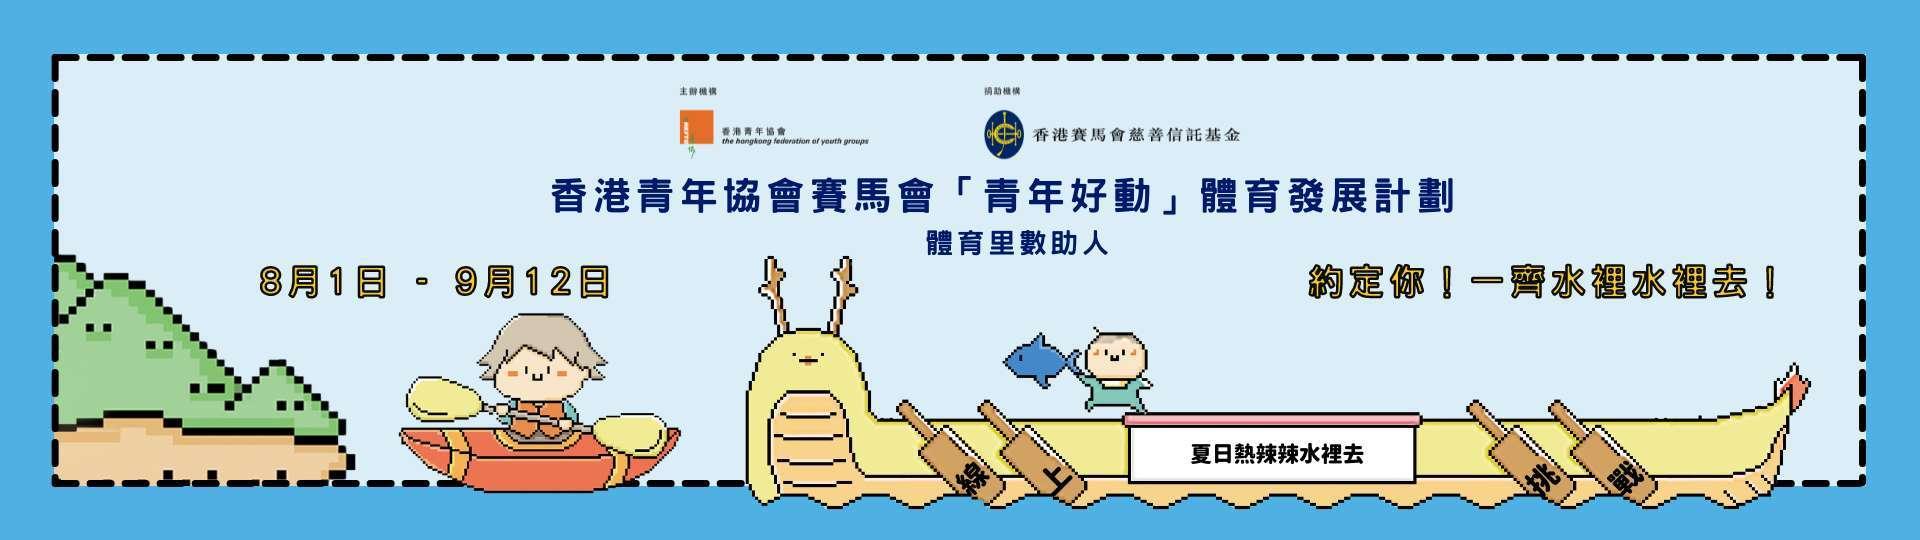 Water_Website_熱門活動